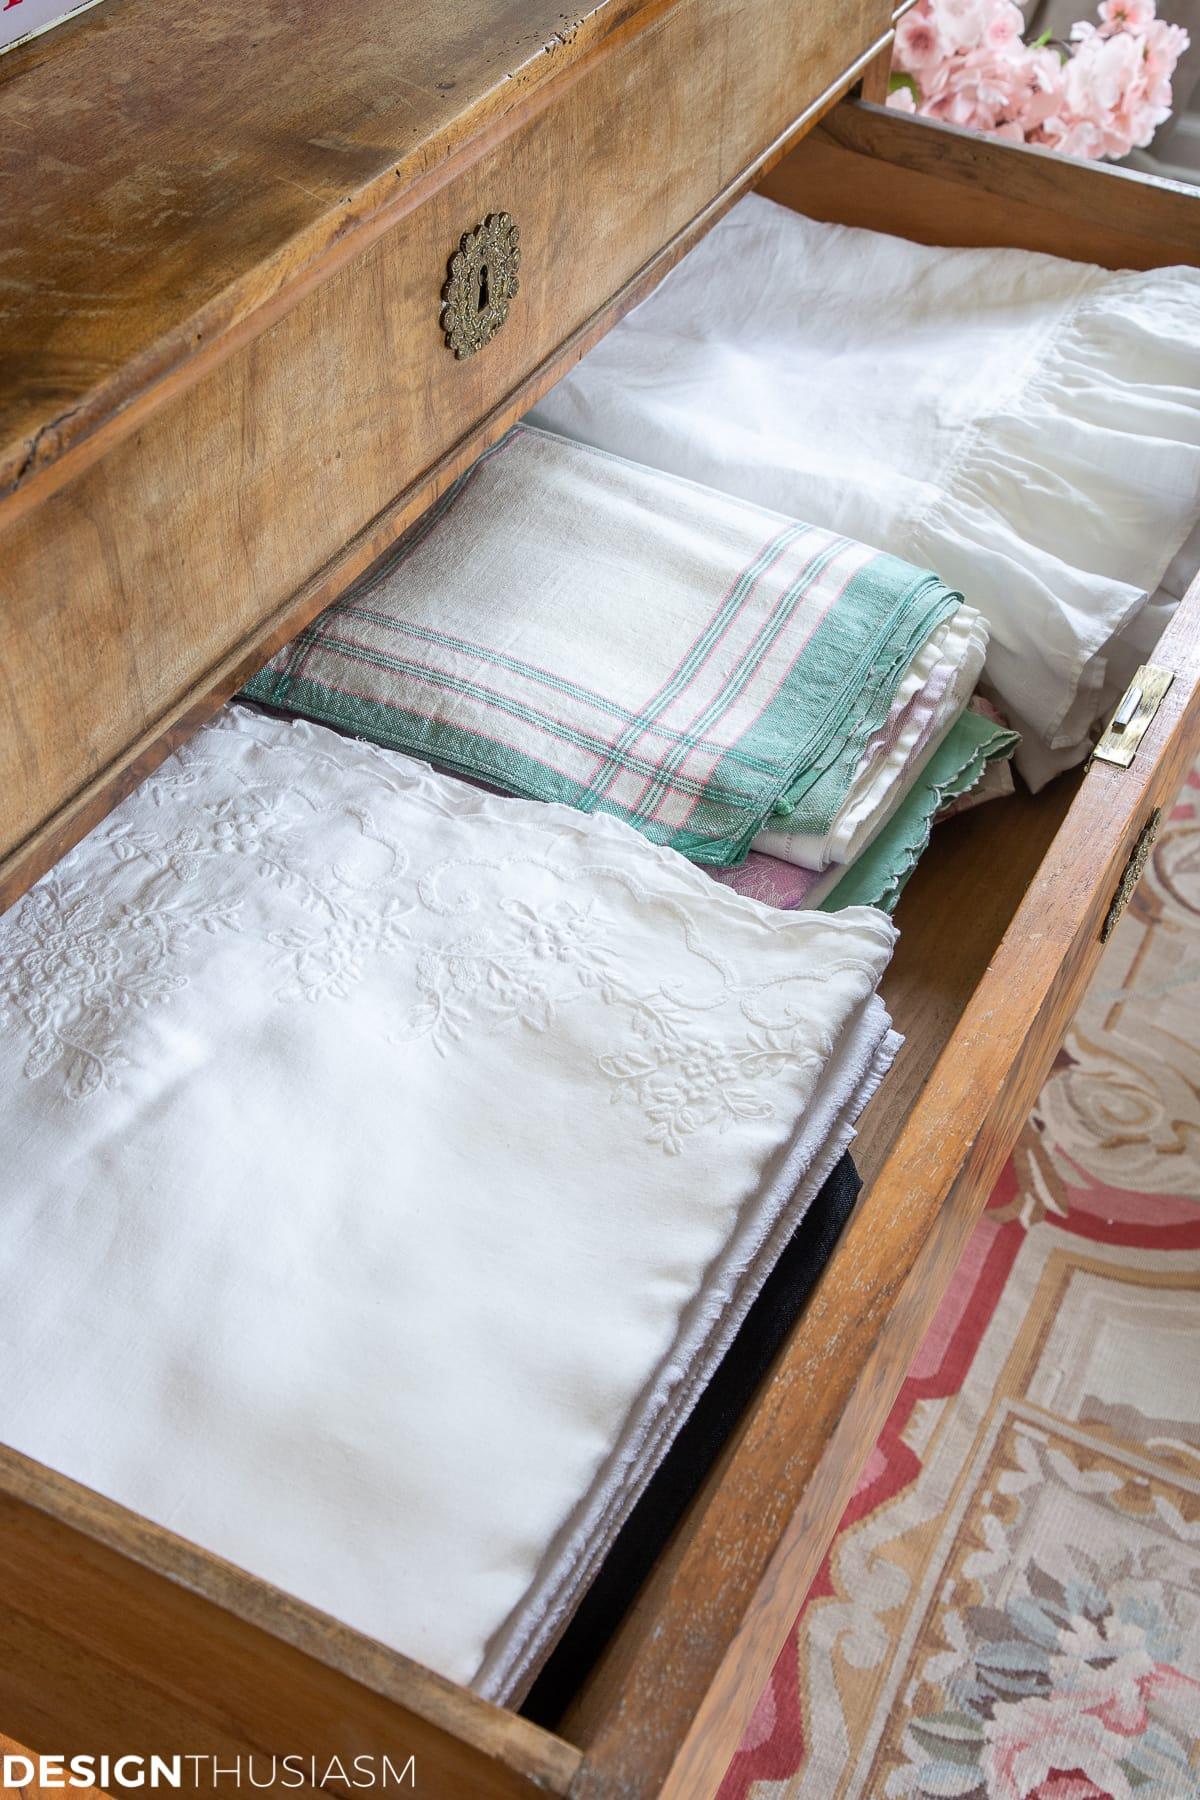 tablecloth drawer organization